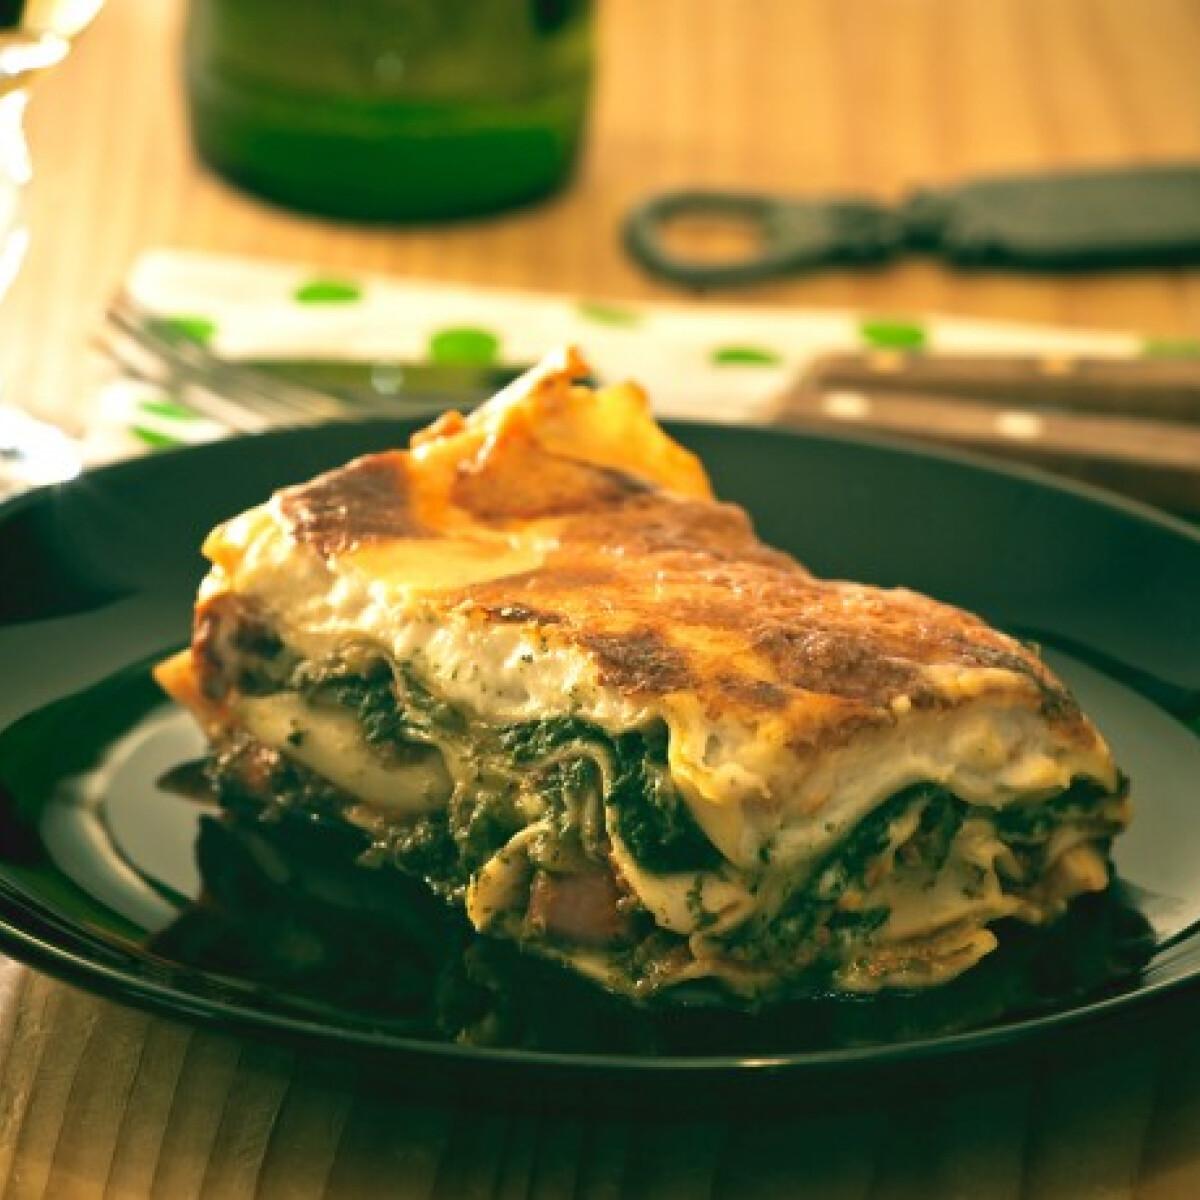 Ezen a képen: Spenótos lasagne Tomatotree konyhájából